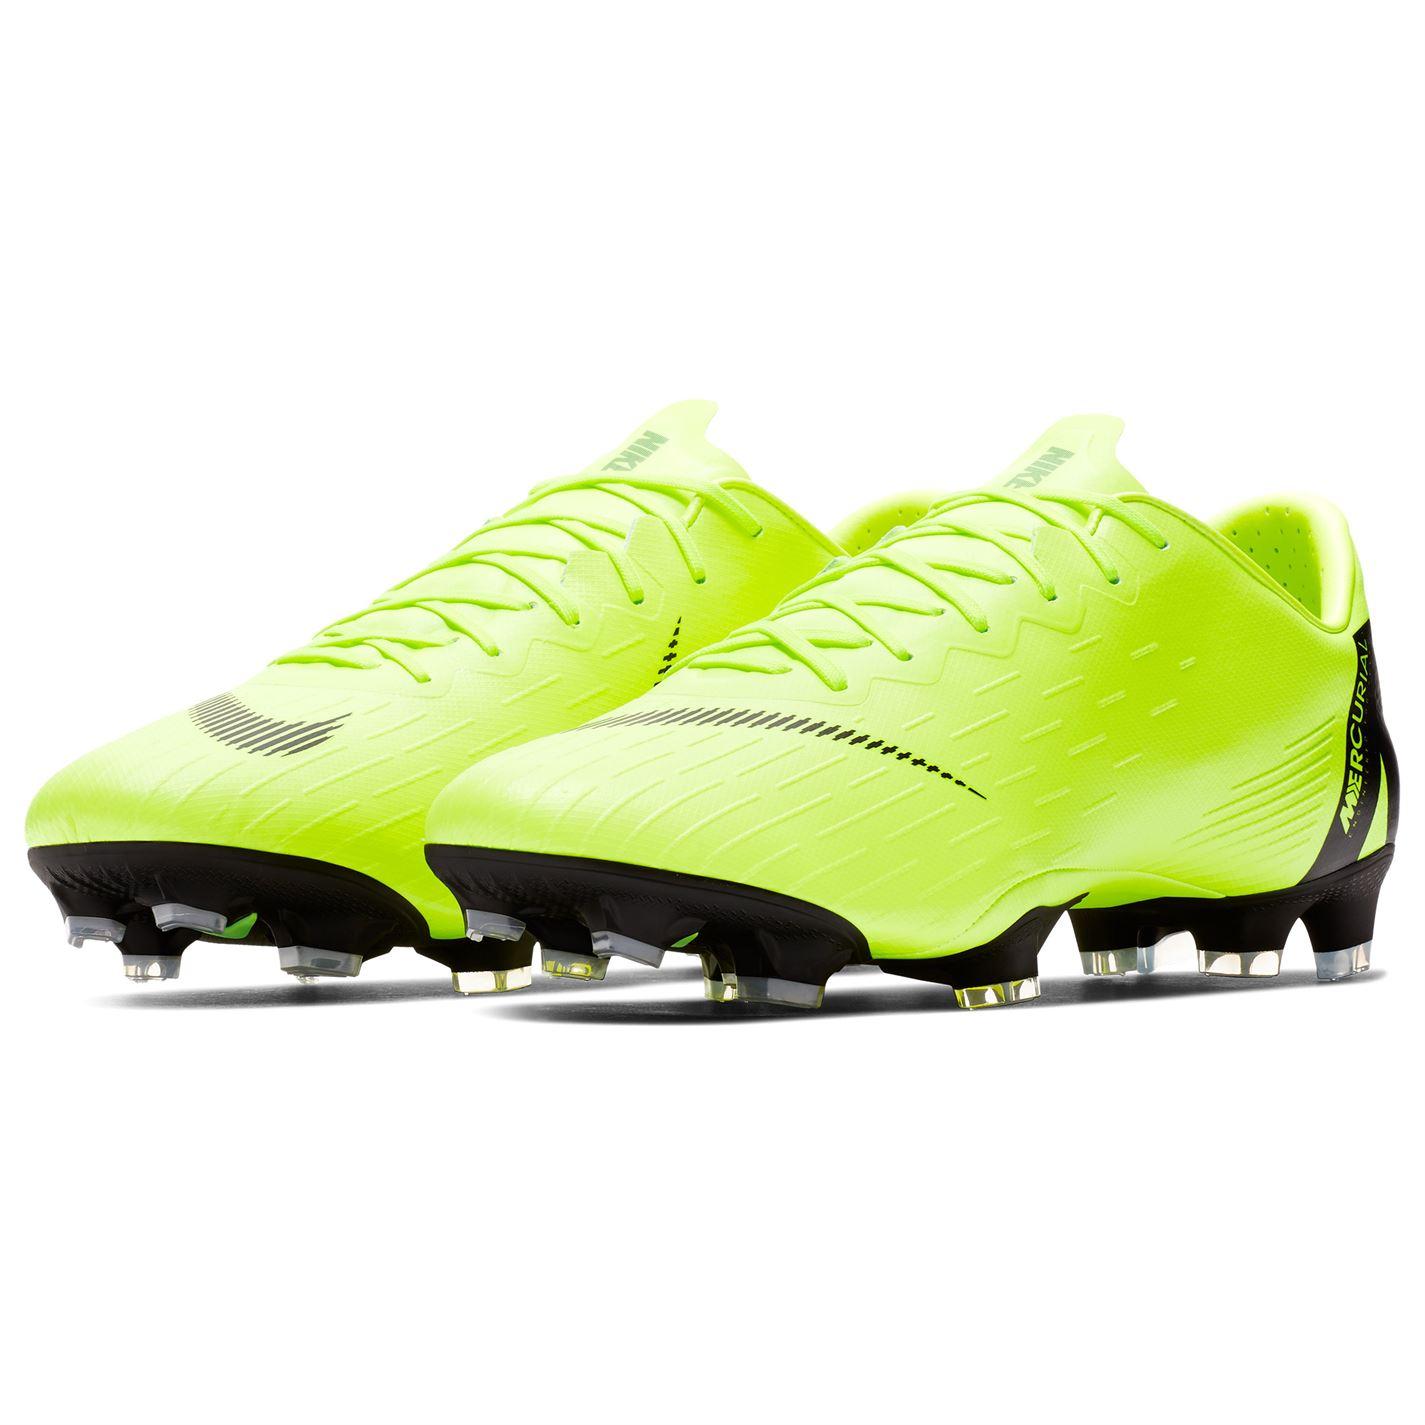 kopačky Nike Mercurial Vapor Pro pánske FG